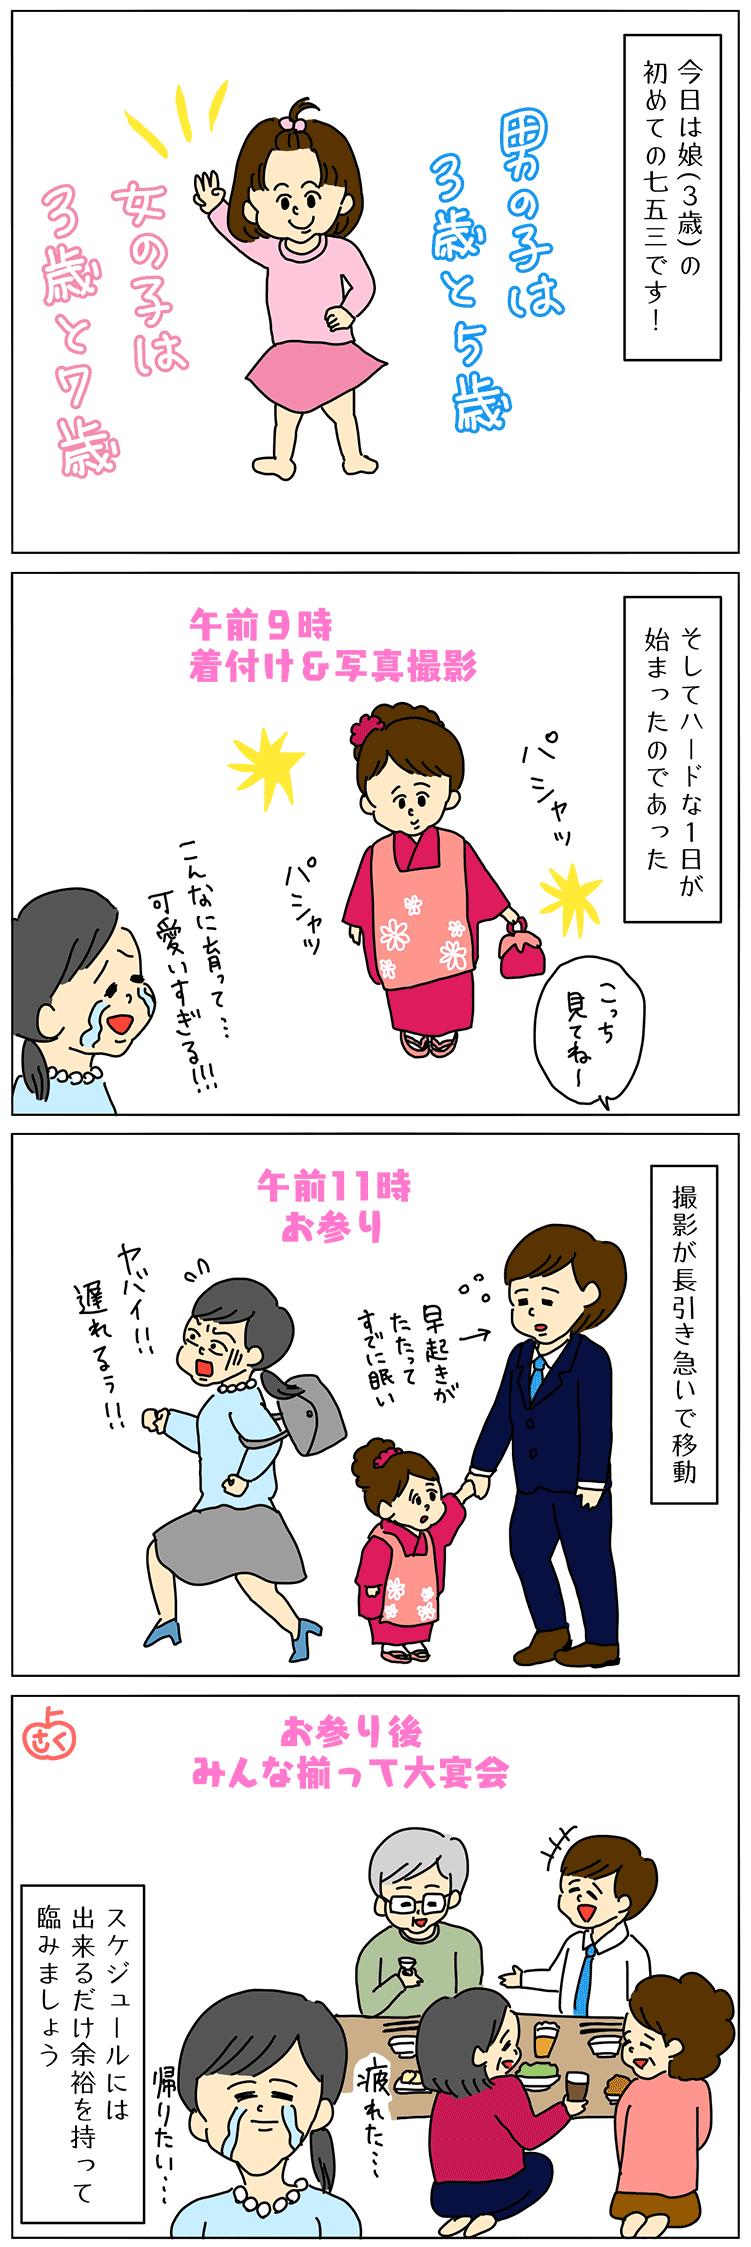 七五三のお参りの4コマ漫画